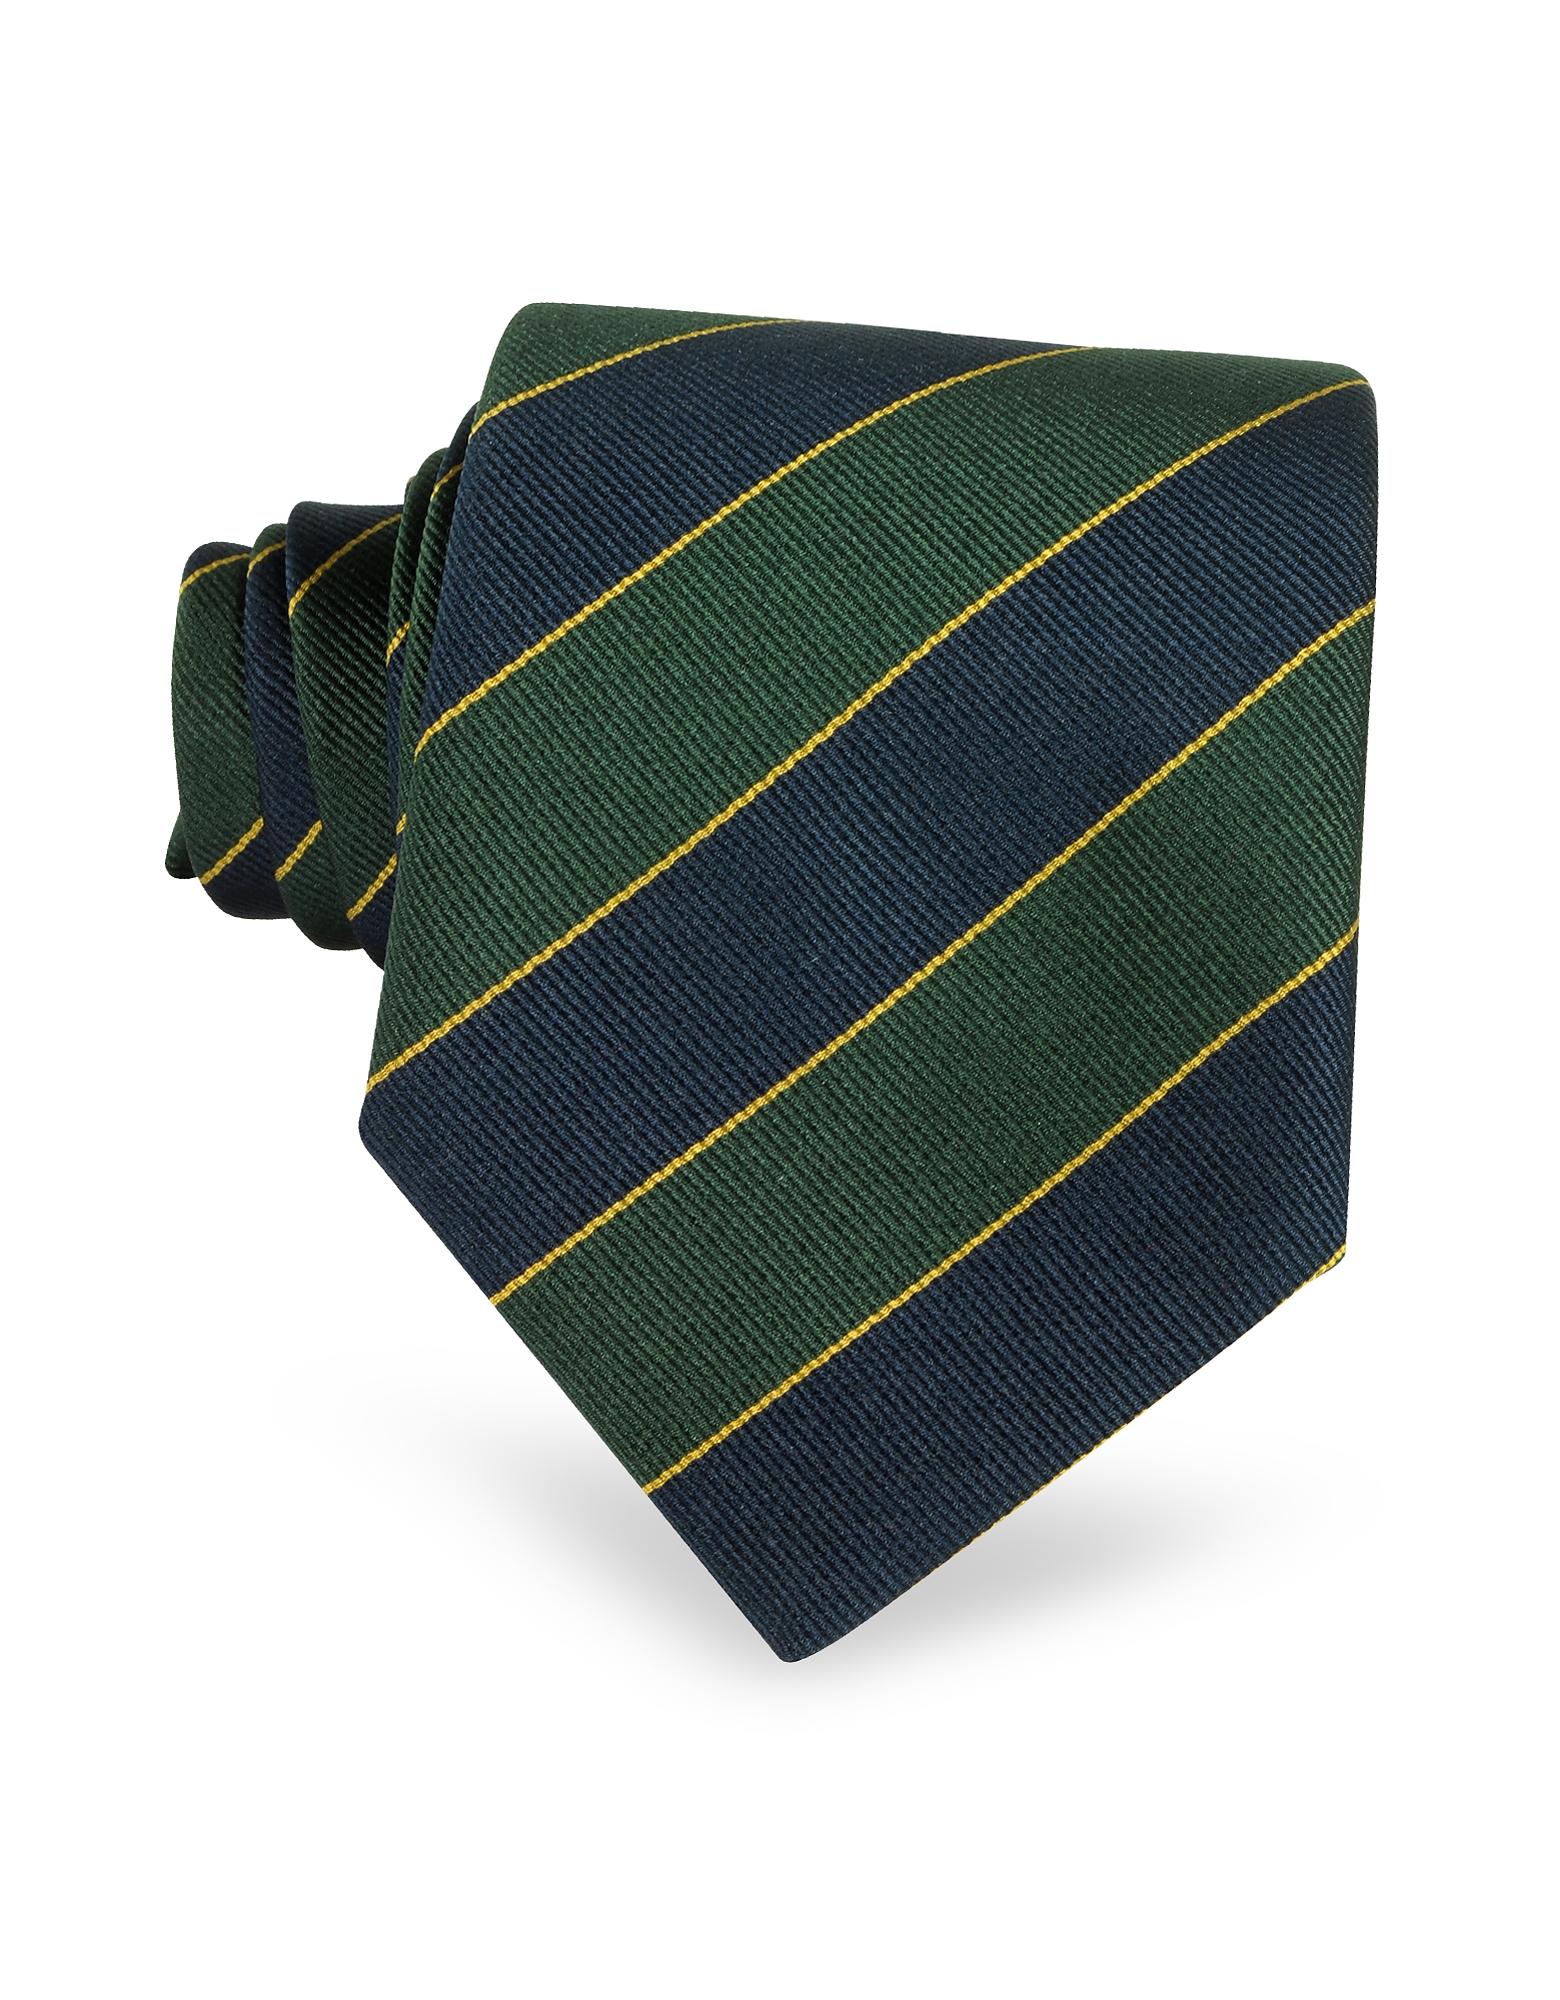 Navy Blue & Green Bands Woven Silk Tie